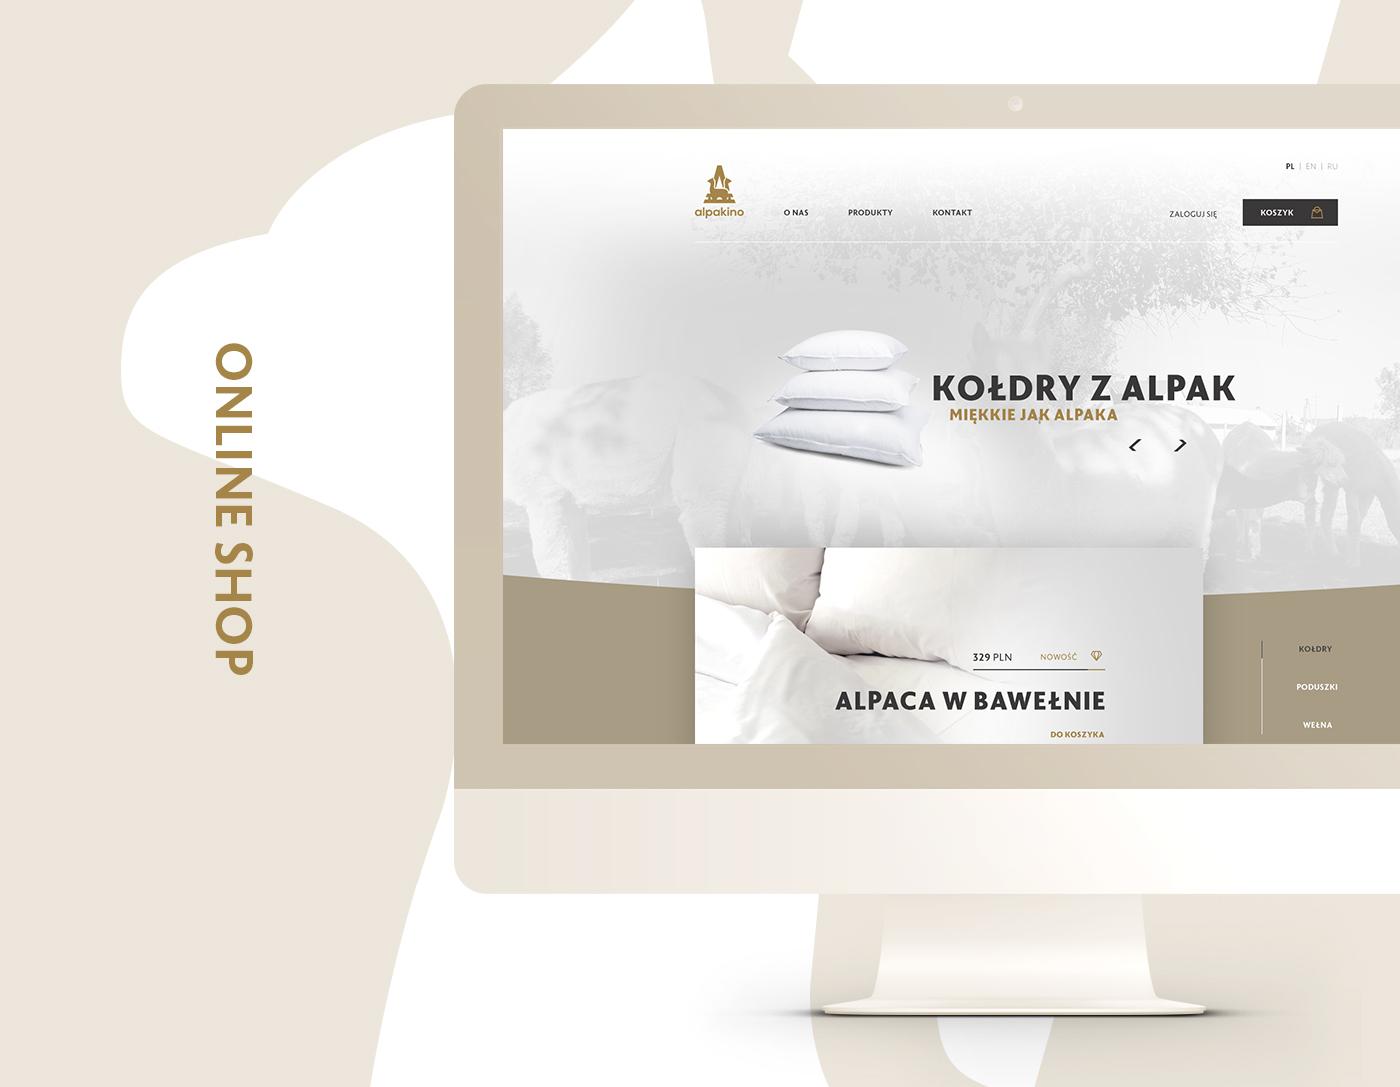 alpaca alpaka alpakino alpaca wool alpaca logo branding poznań poznan grafika poznań studio graficzne poznań agencja poznan projektowanie poznań design poznan